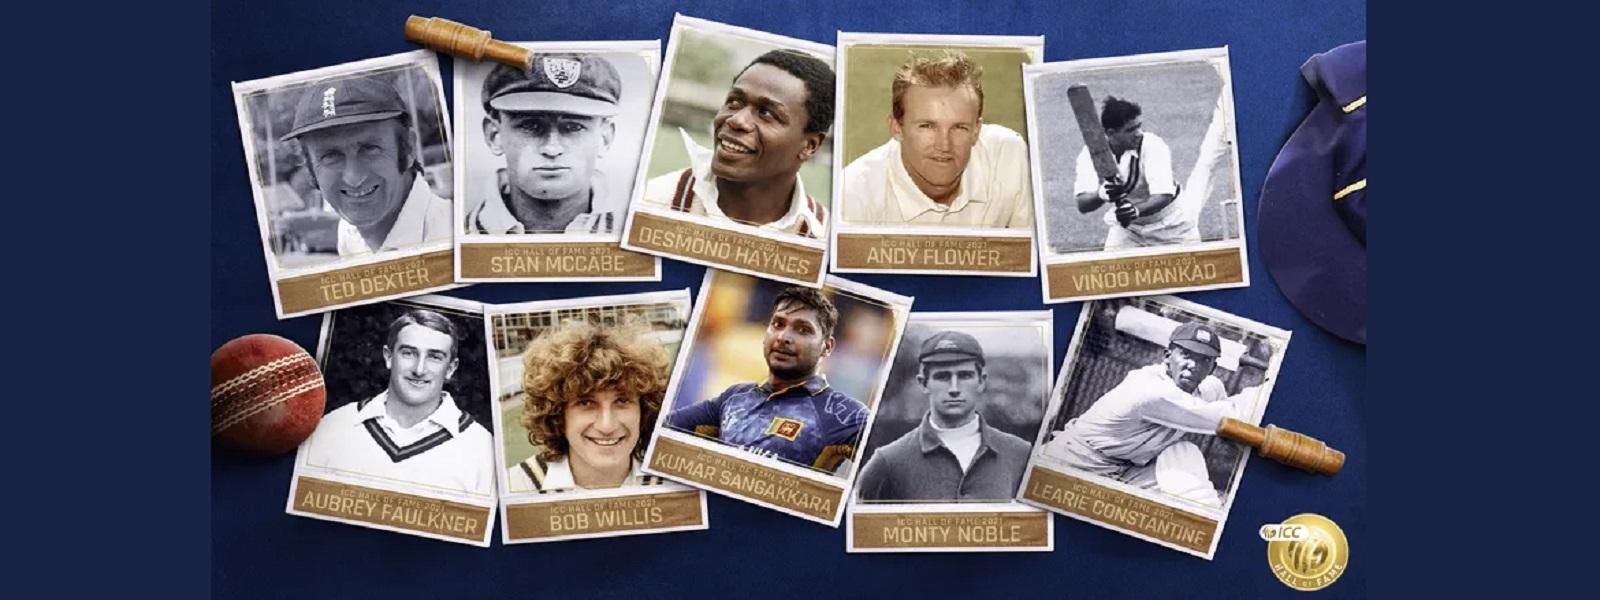 குமார் சங்கக்கார உள்ளிட்ட 10 கிரிக்கெட் வீரர்களுக்கு Hall of Fame கௌரவம்